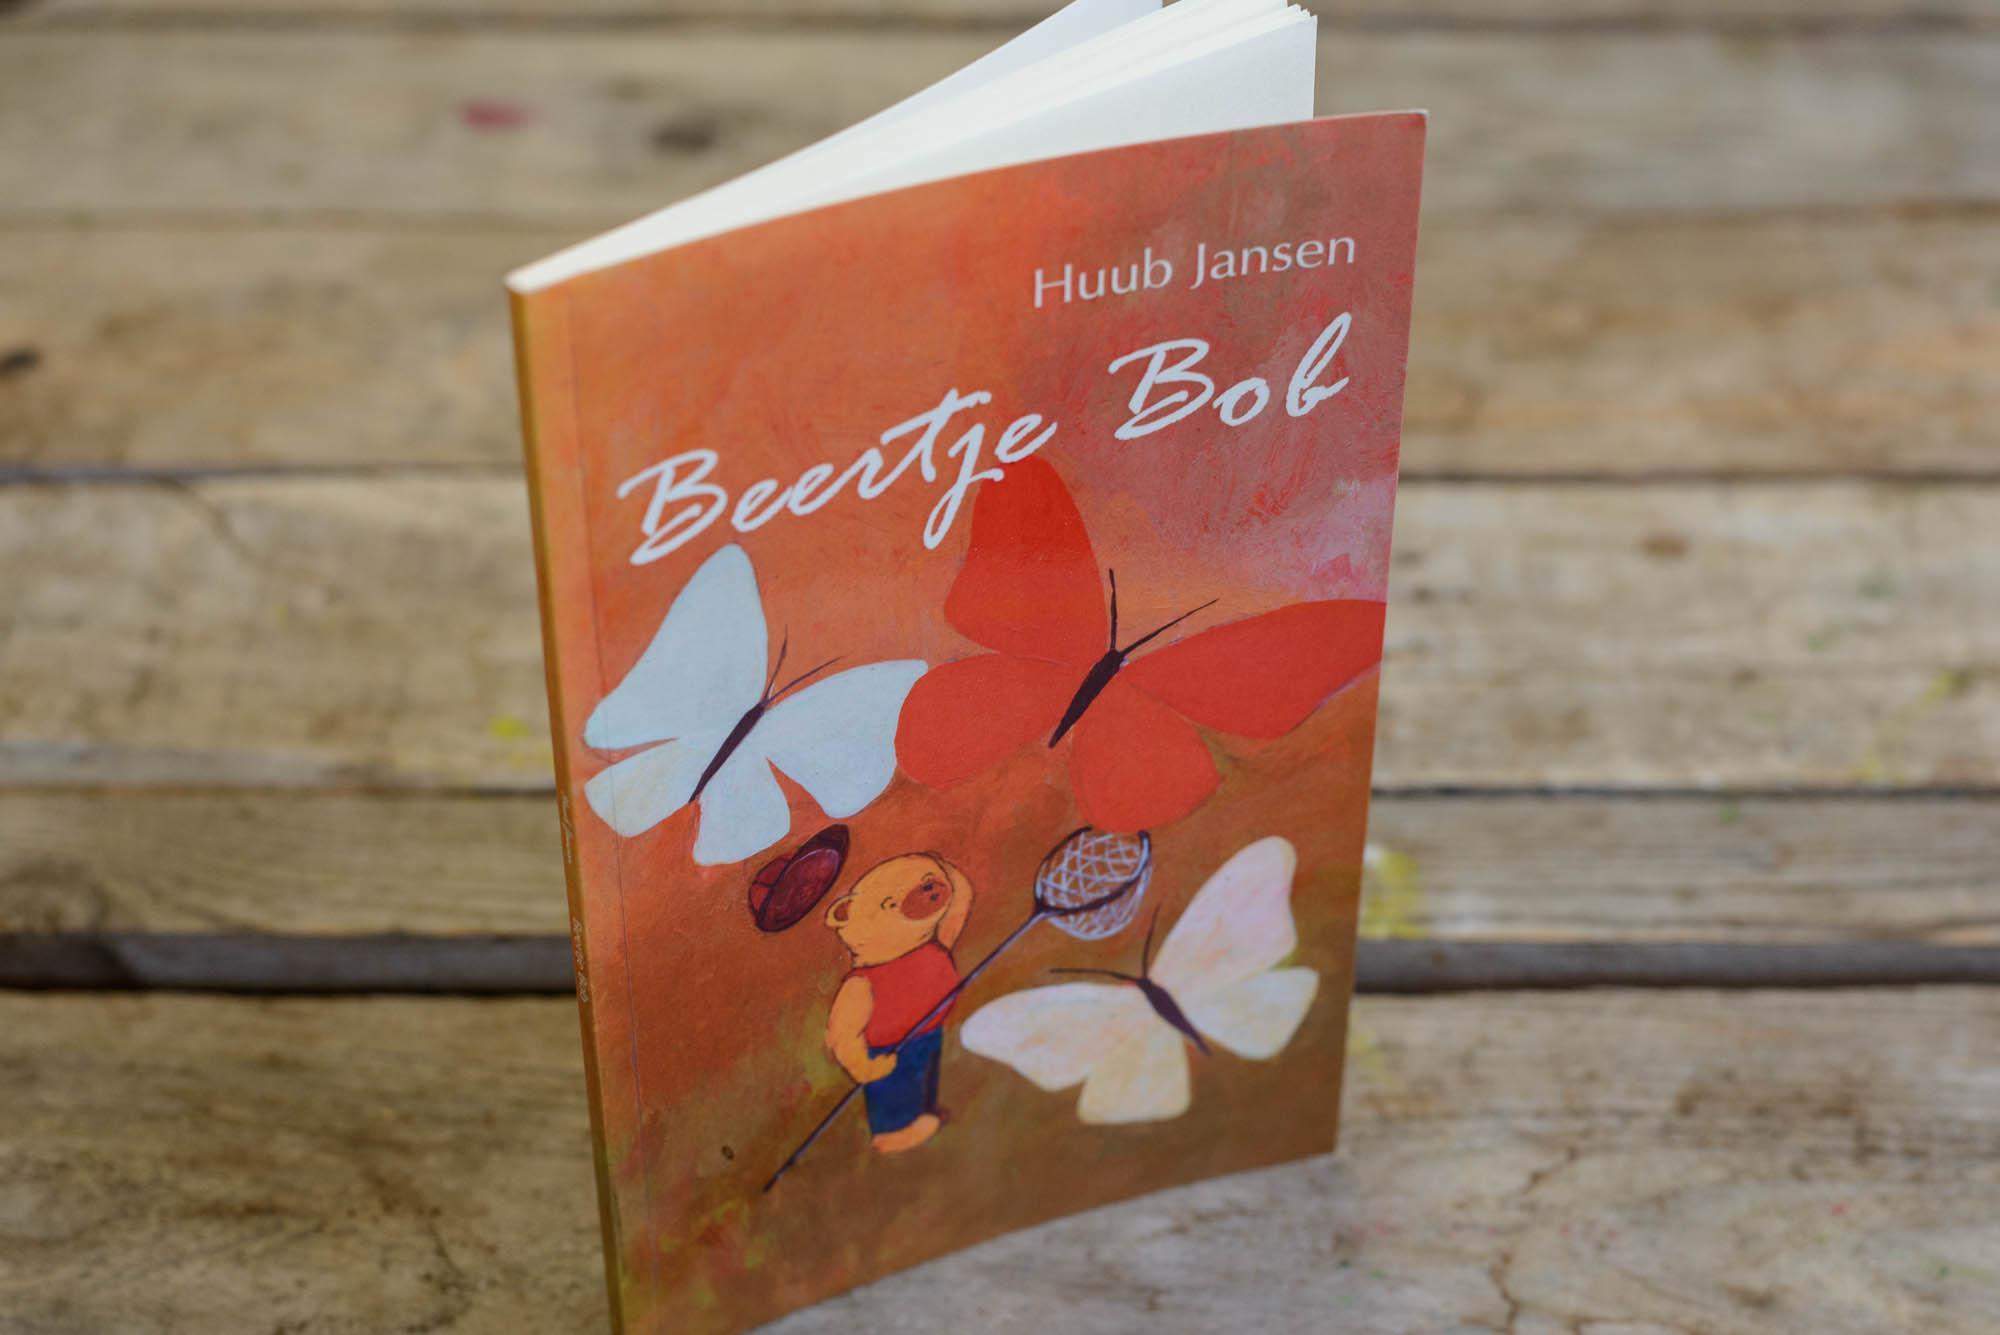 Boekje met versjes over Beertje Bob